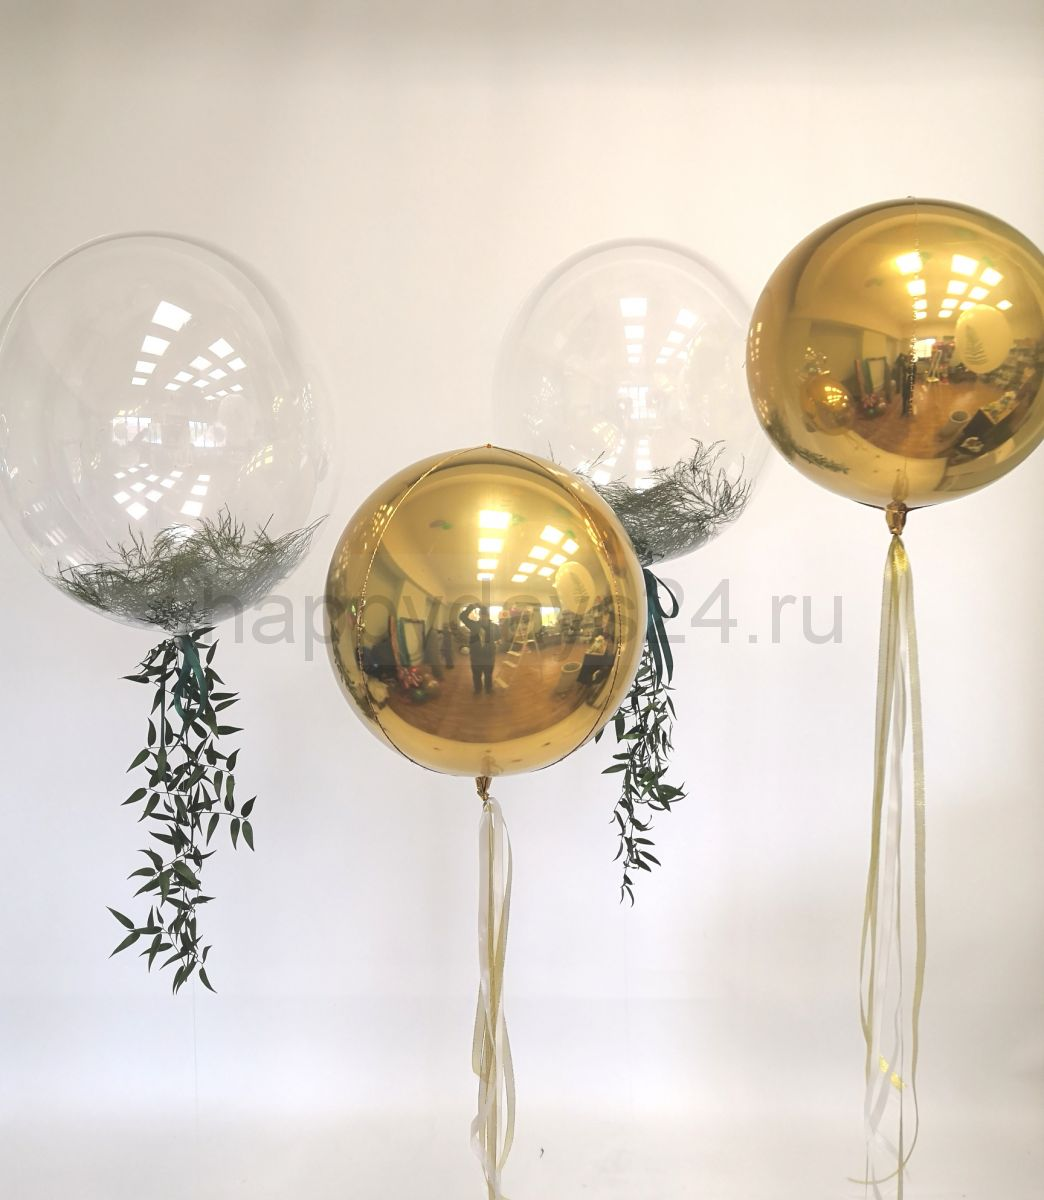 Набор со сферами и bubbles с живой зеленью